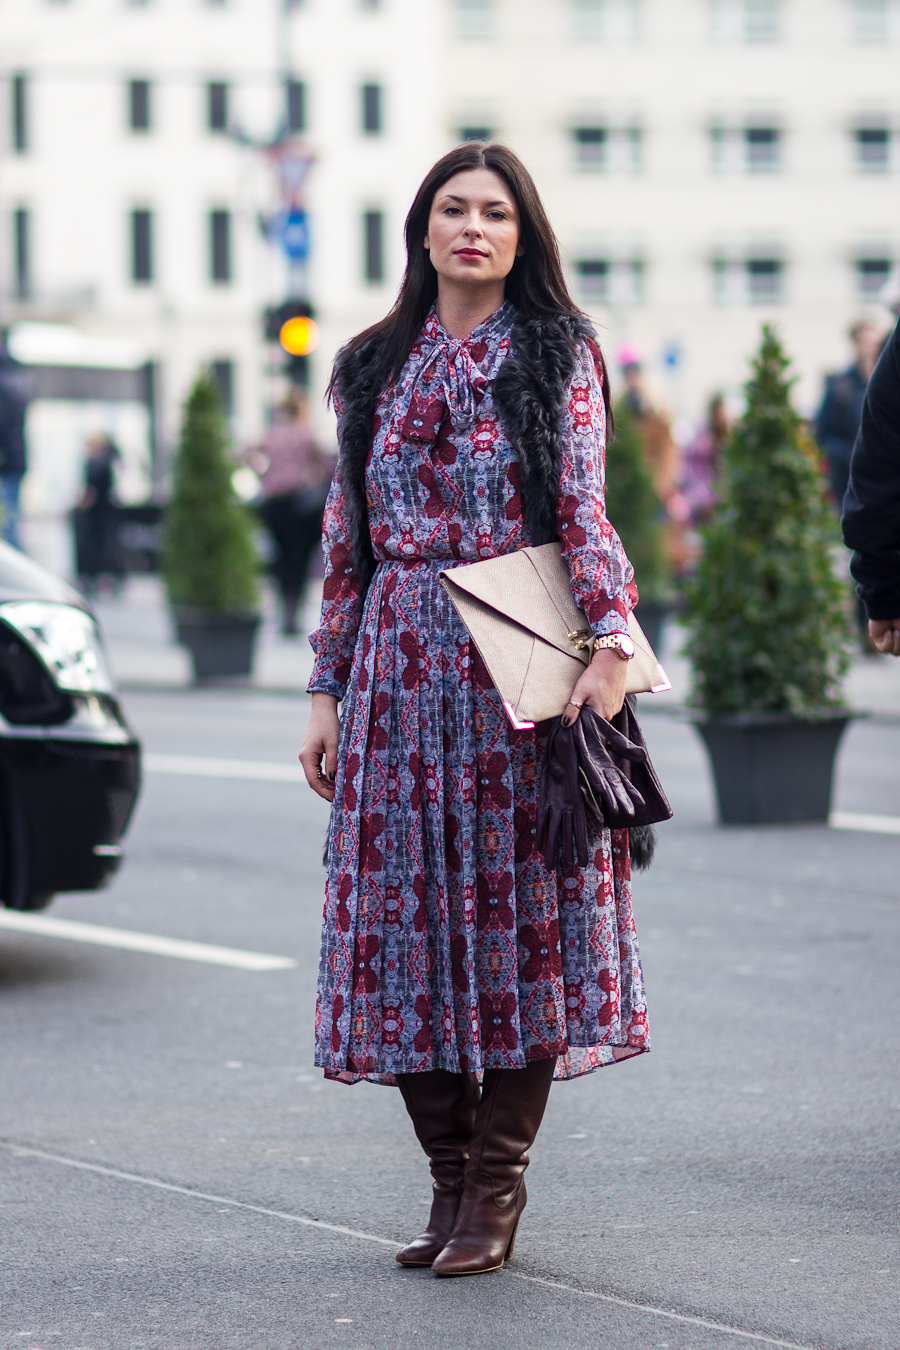 street-style-fashion-blog-innsbruck-berlin-fashion-week-julia-gelau-2